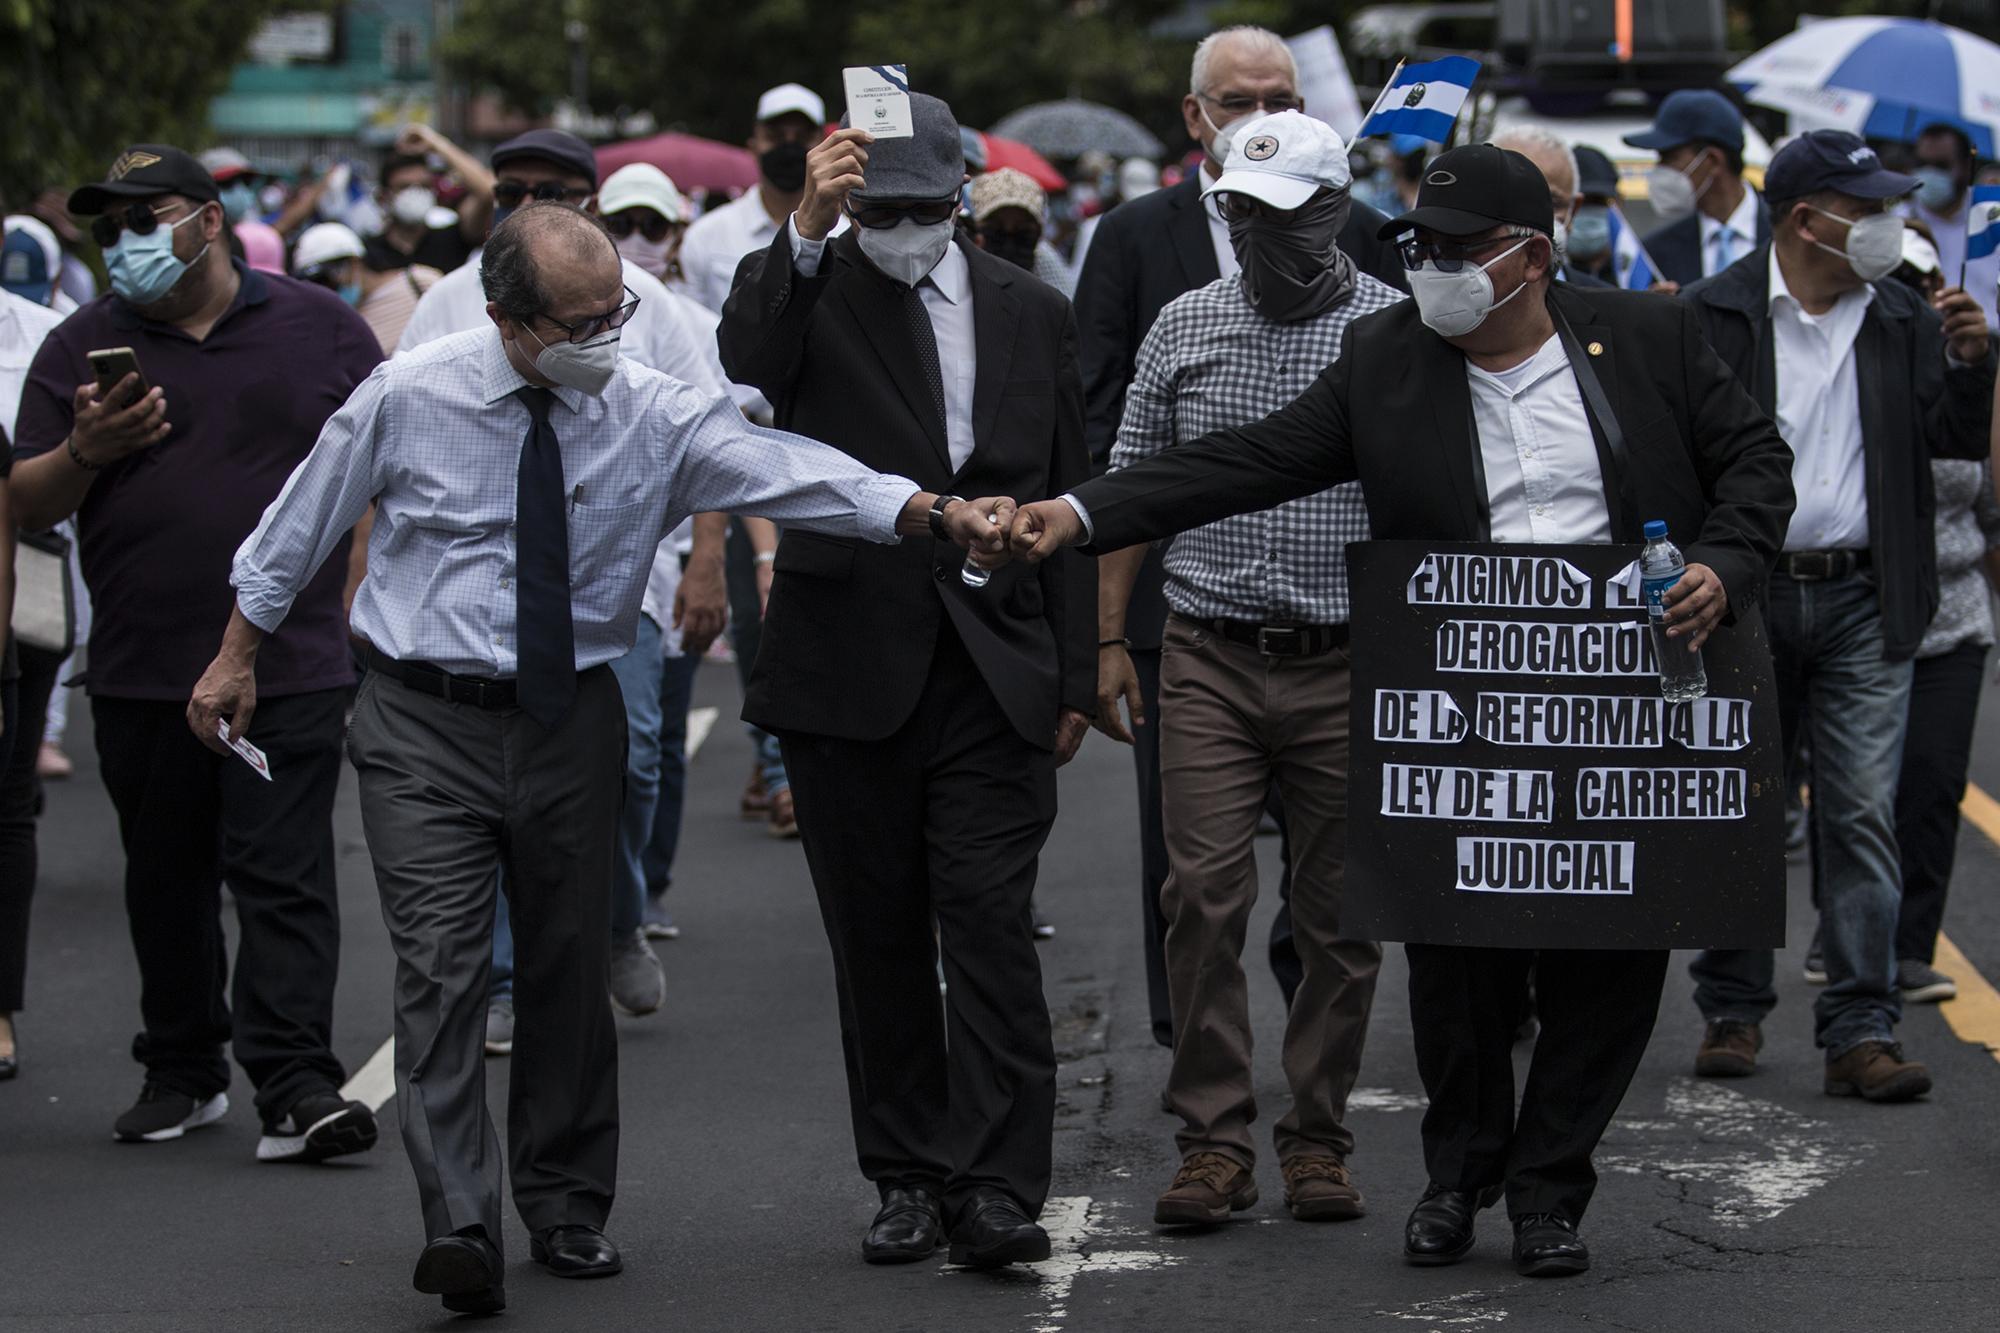 Los jueces buscan justicia marchando en las calles - ElFaro.net